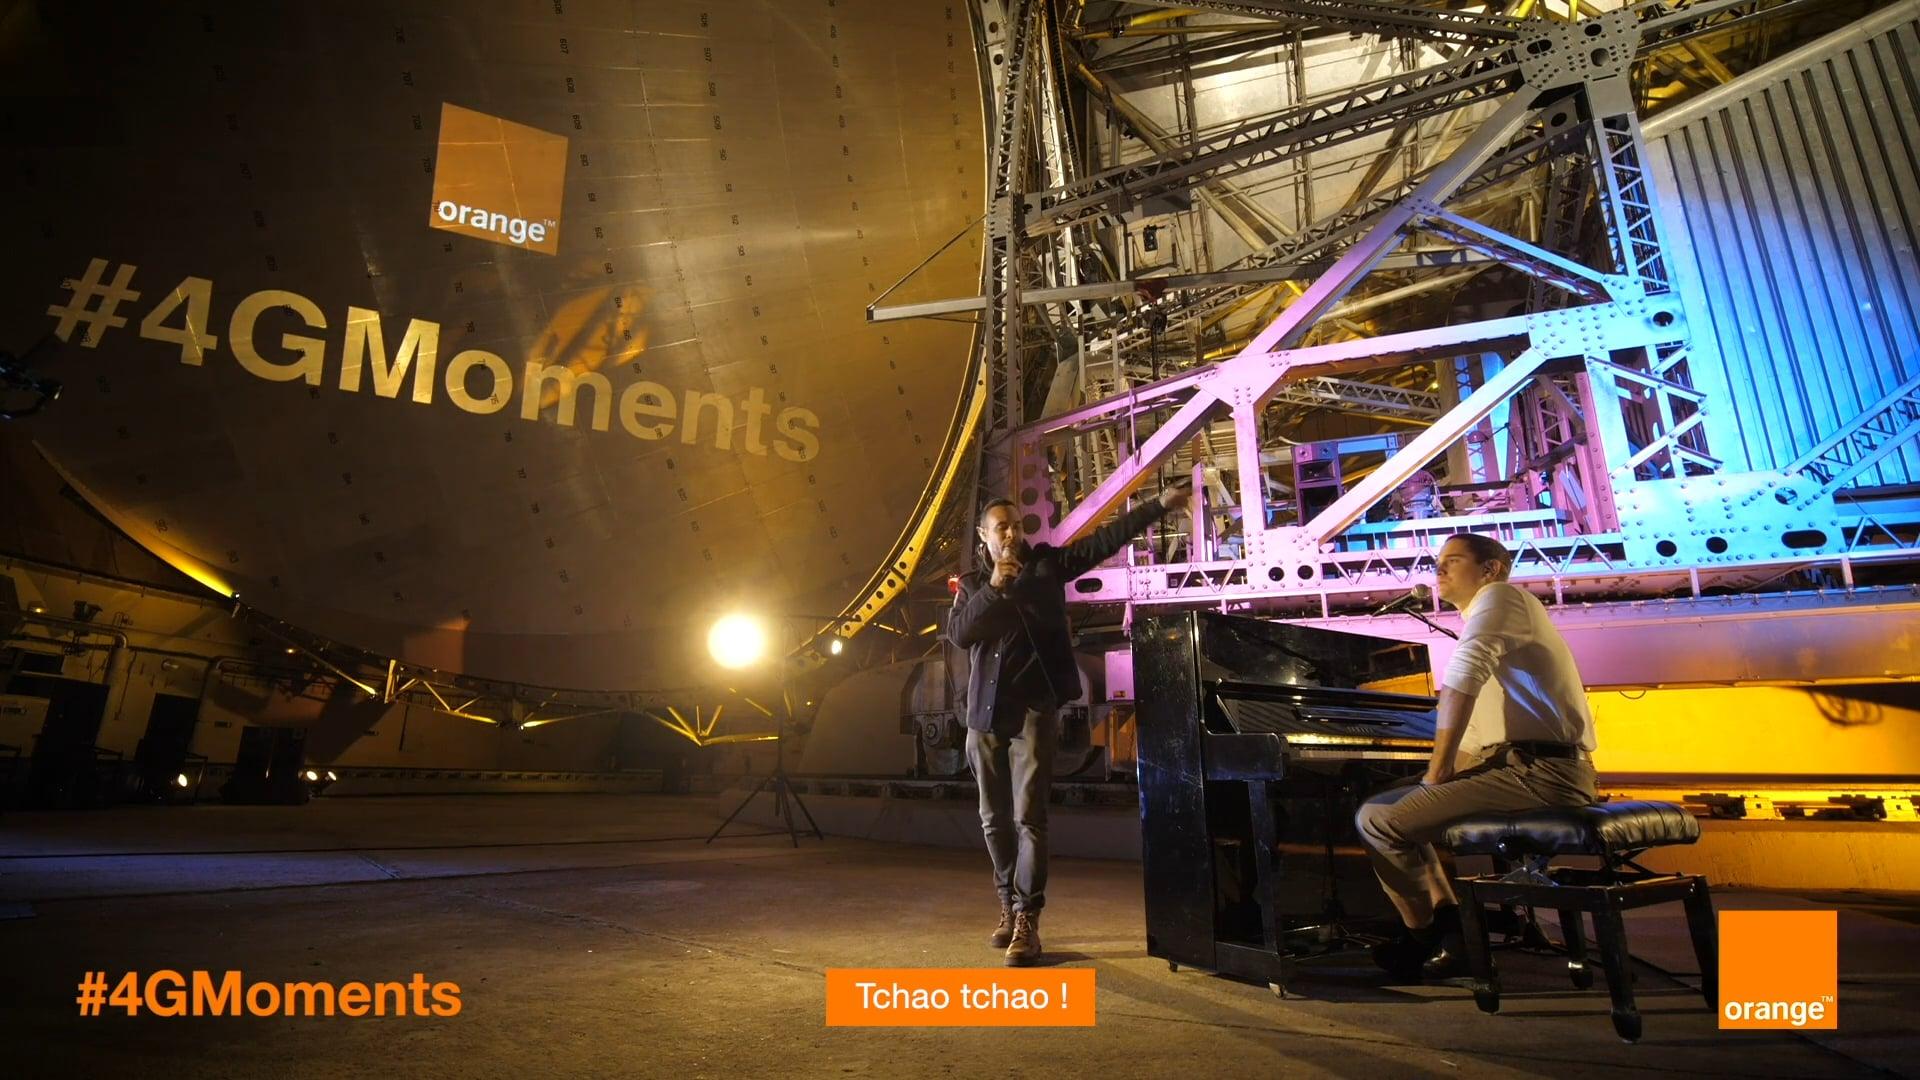 Orange #4GMOMENTS à la Cité des Télécoms